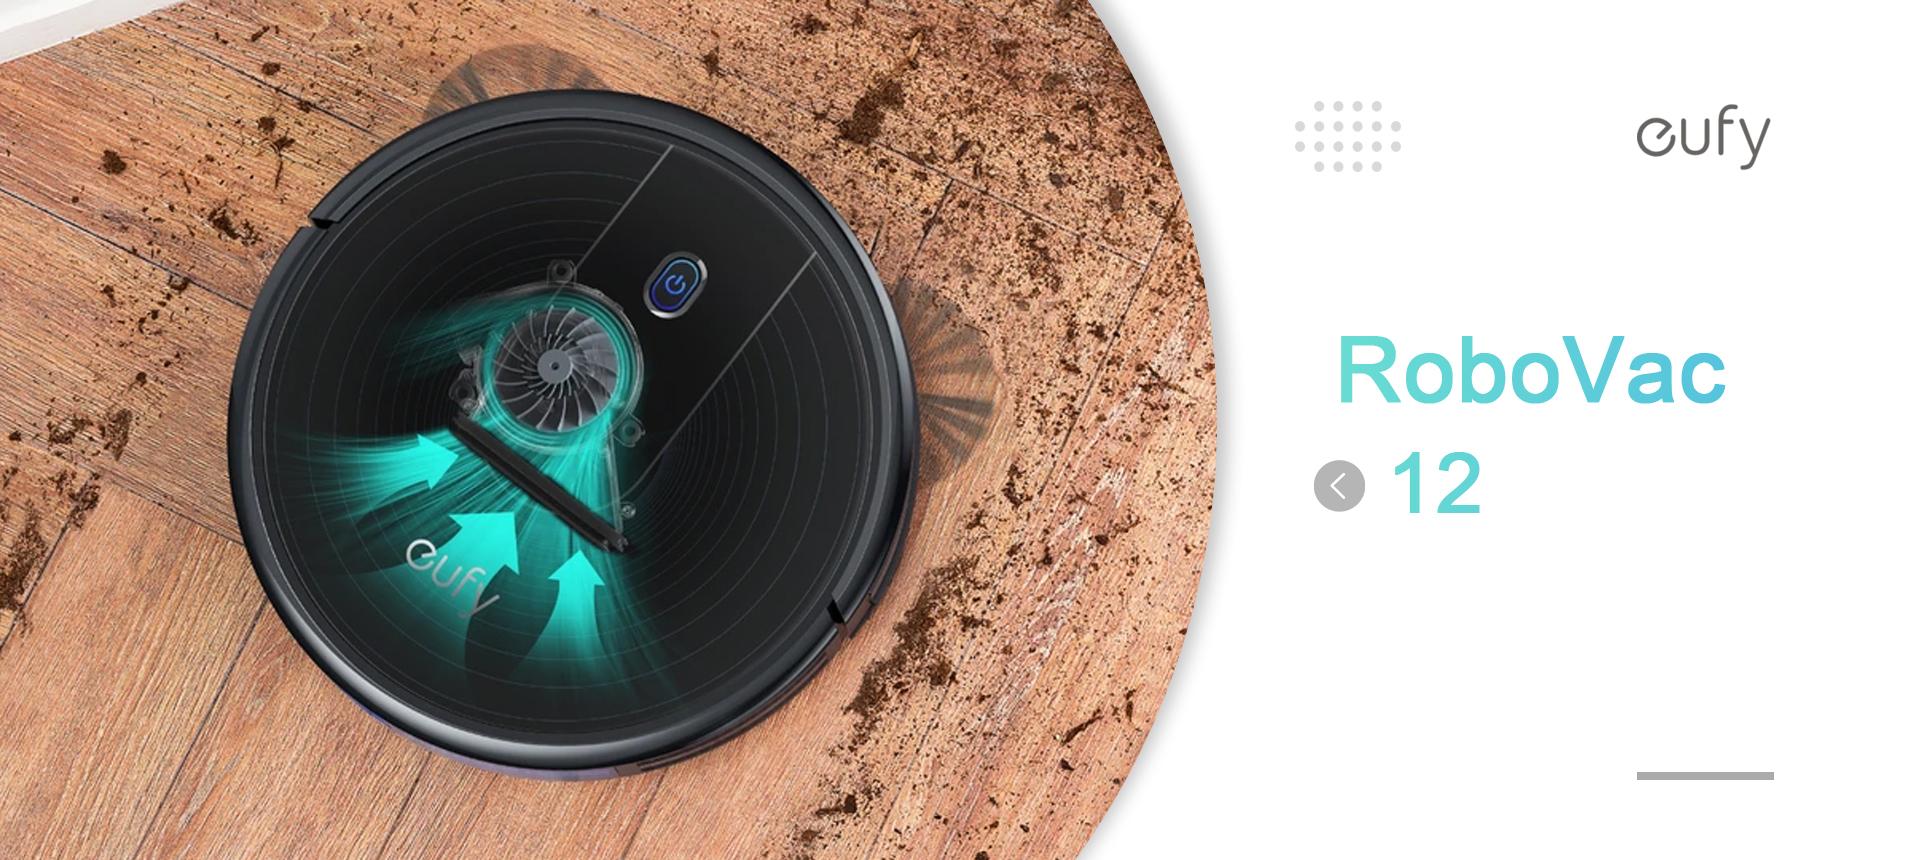 eufy RoboVac 12